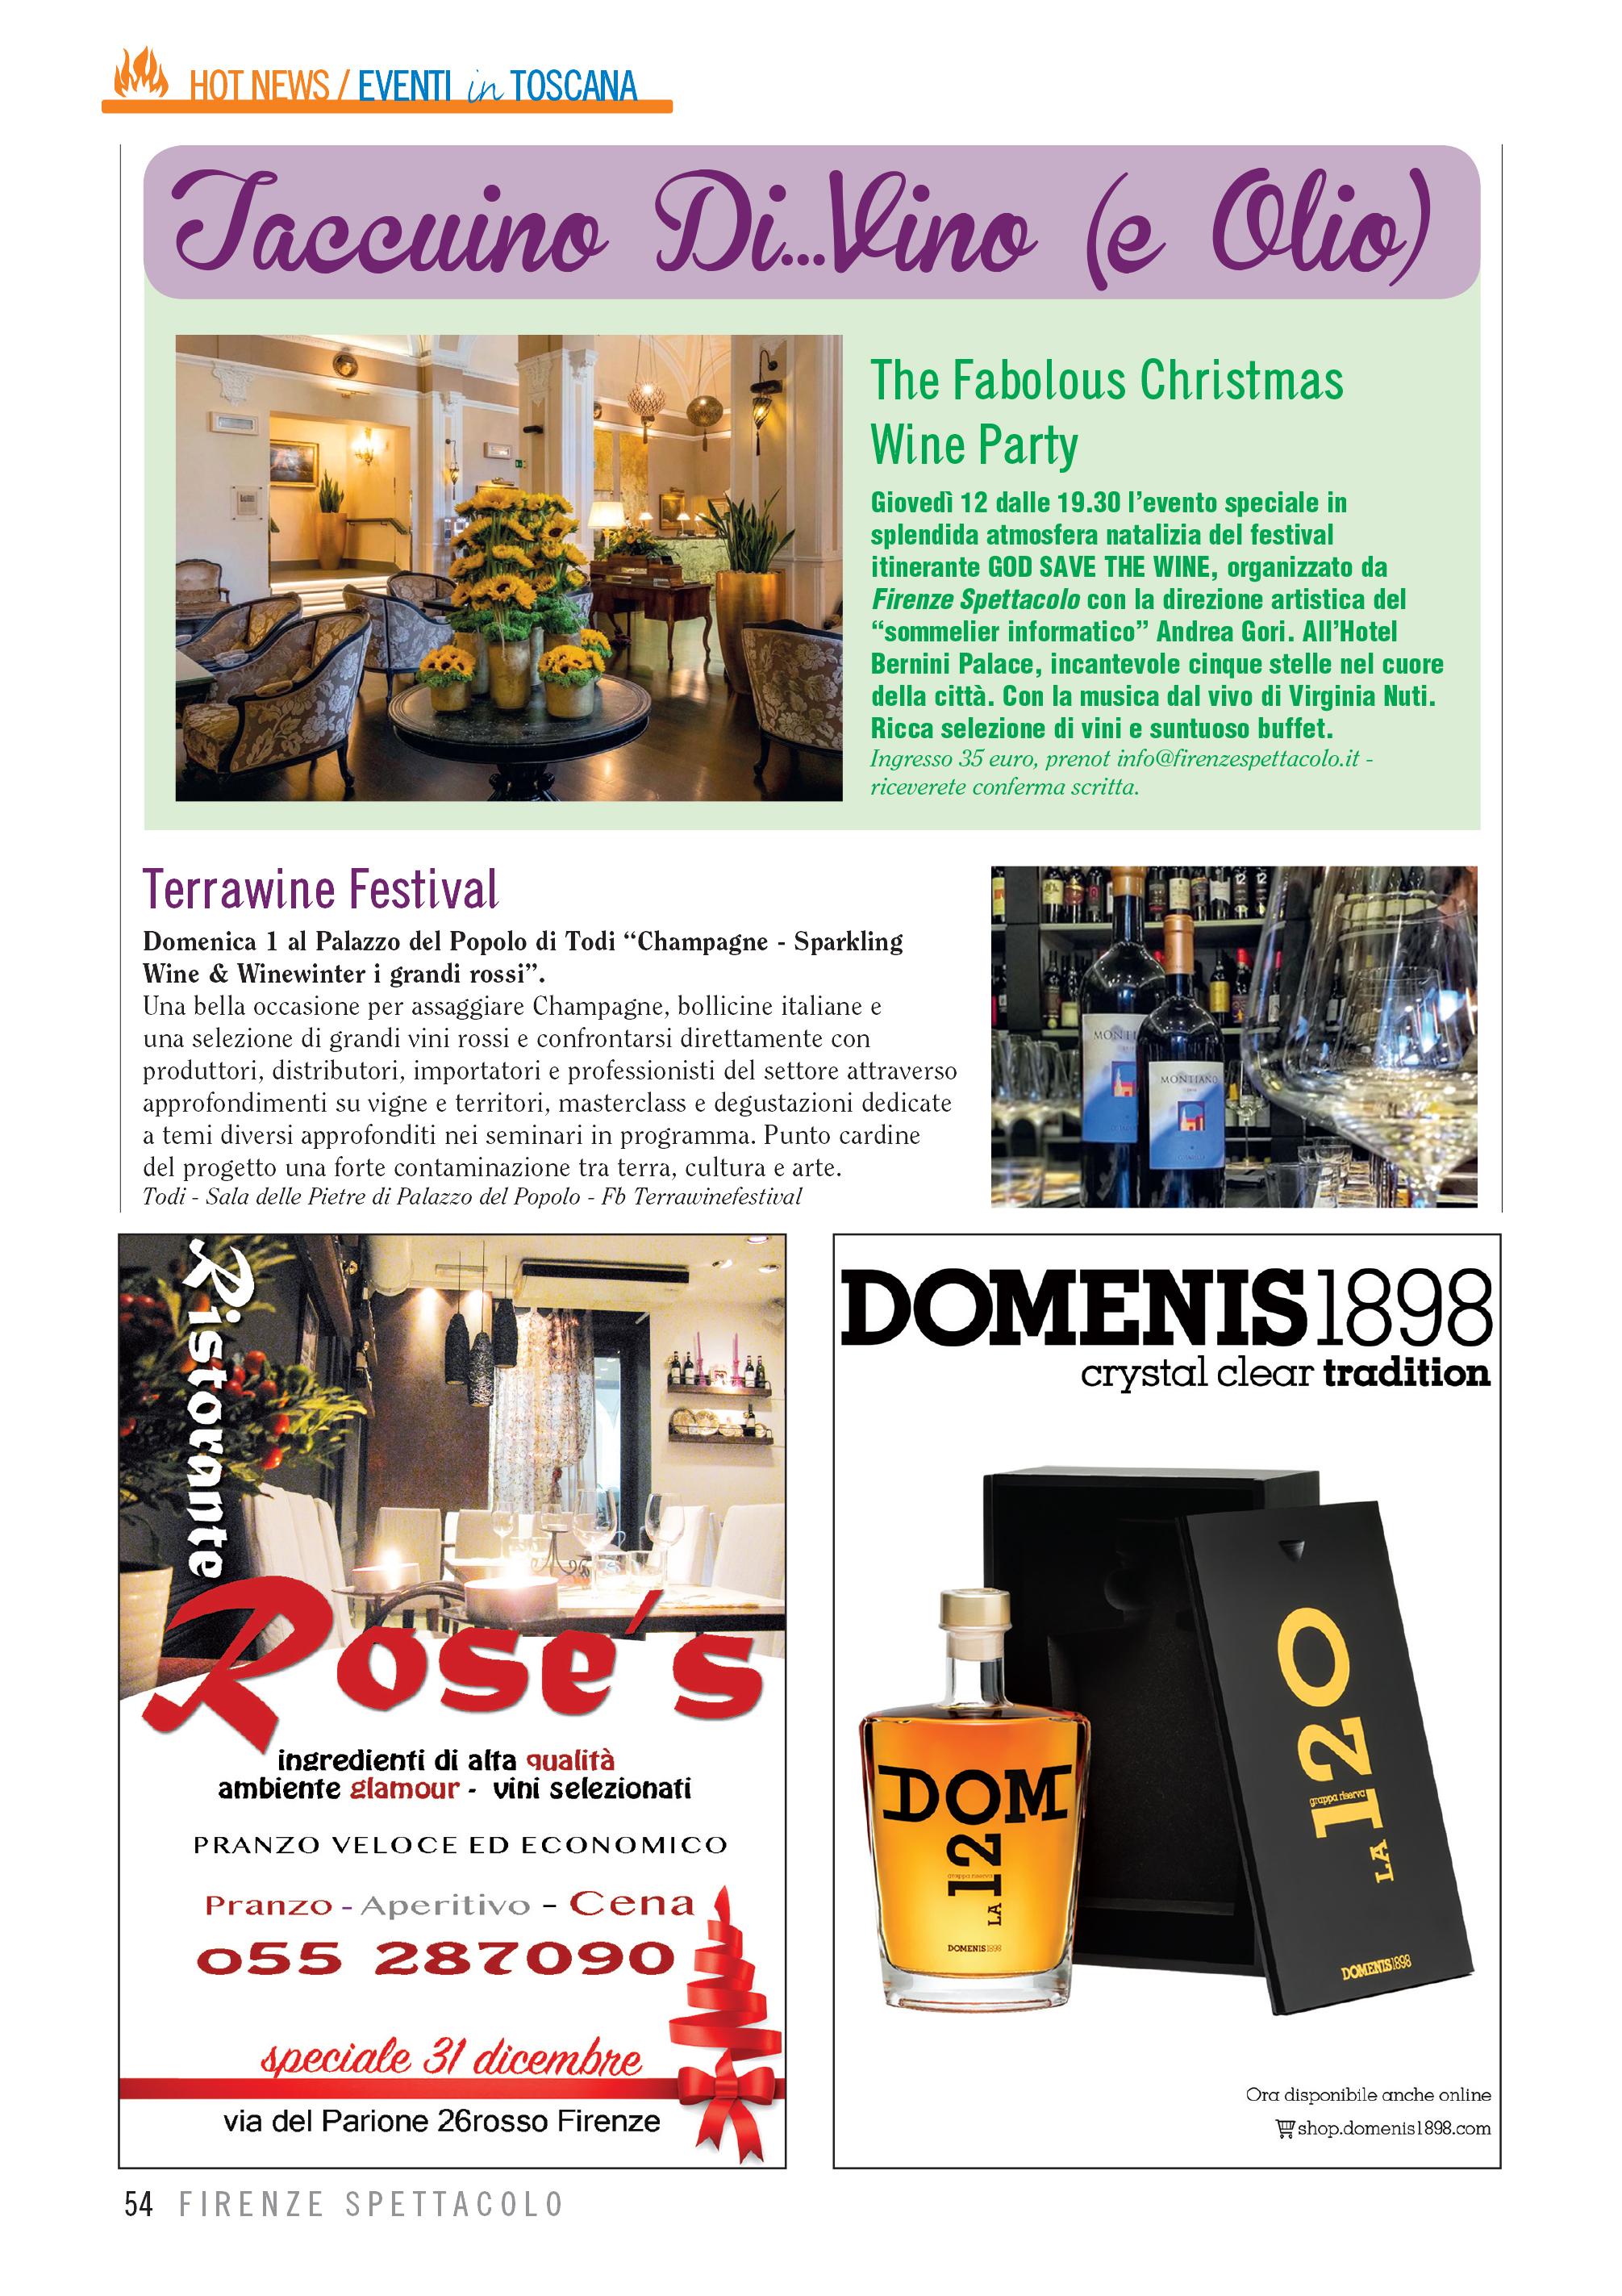 2019 dicembre 15: Firenze Spettacolo – Taccuino Di..Vino